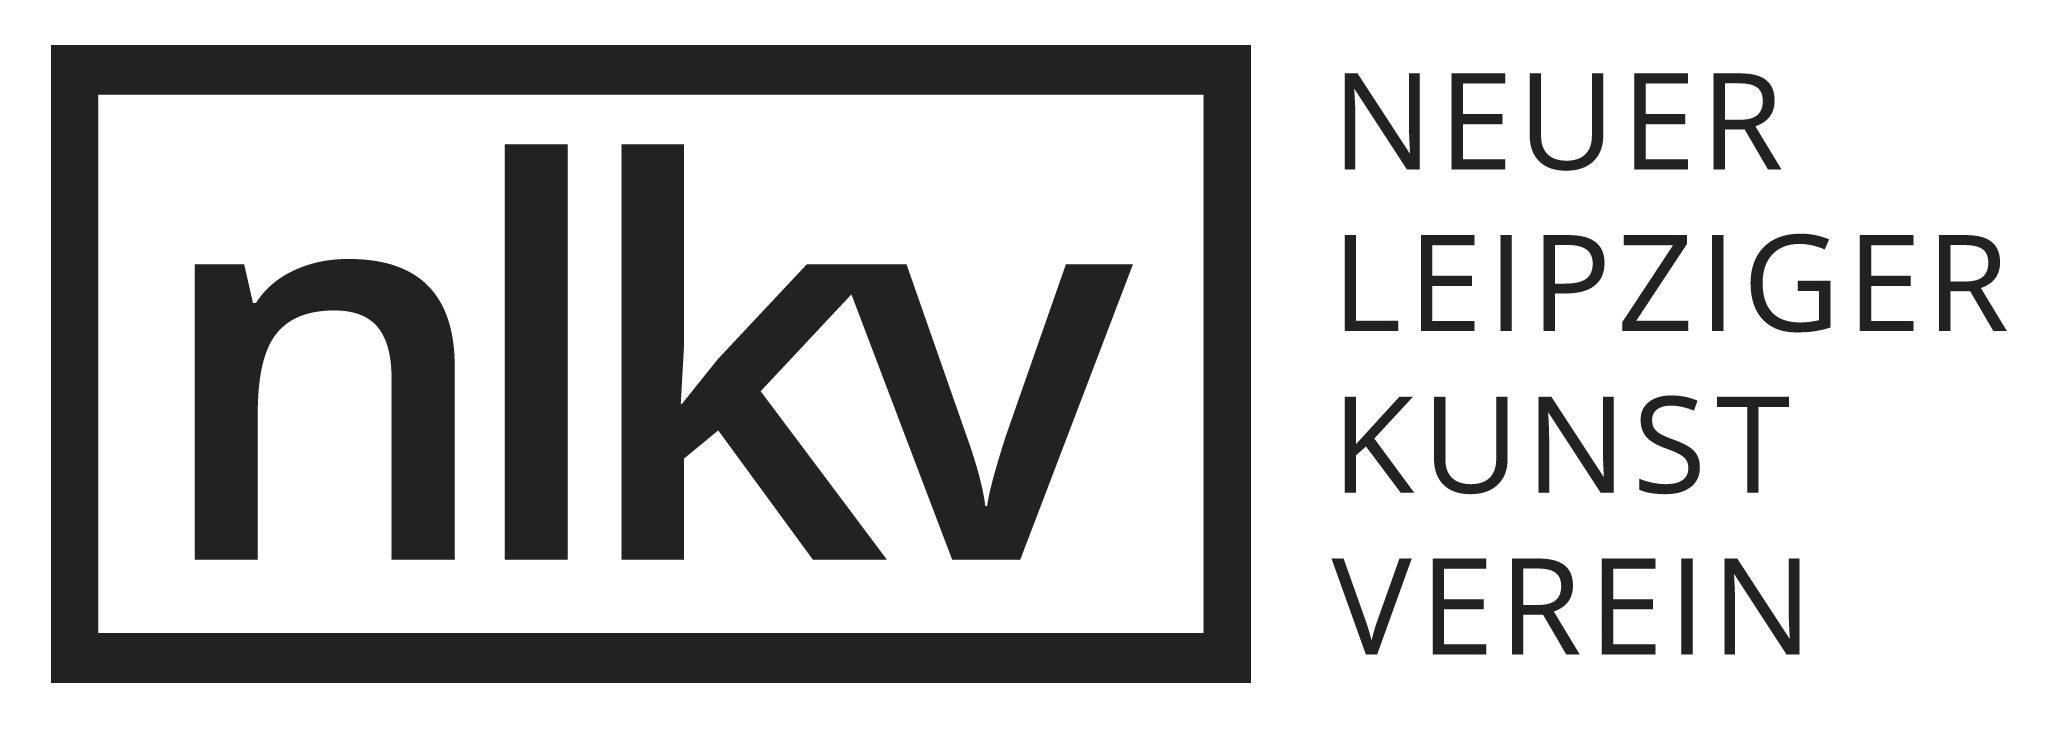 Neuer Leipziger Kunstverein e.V.